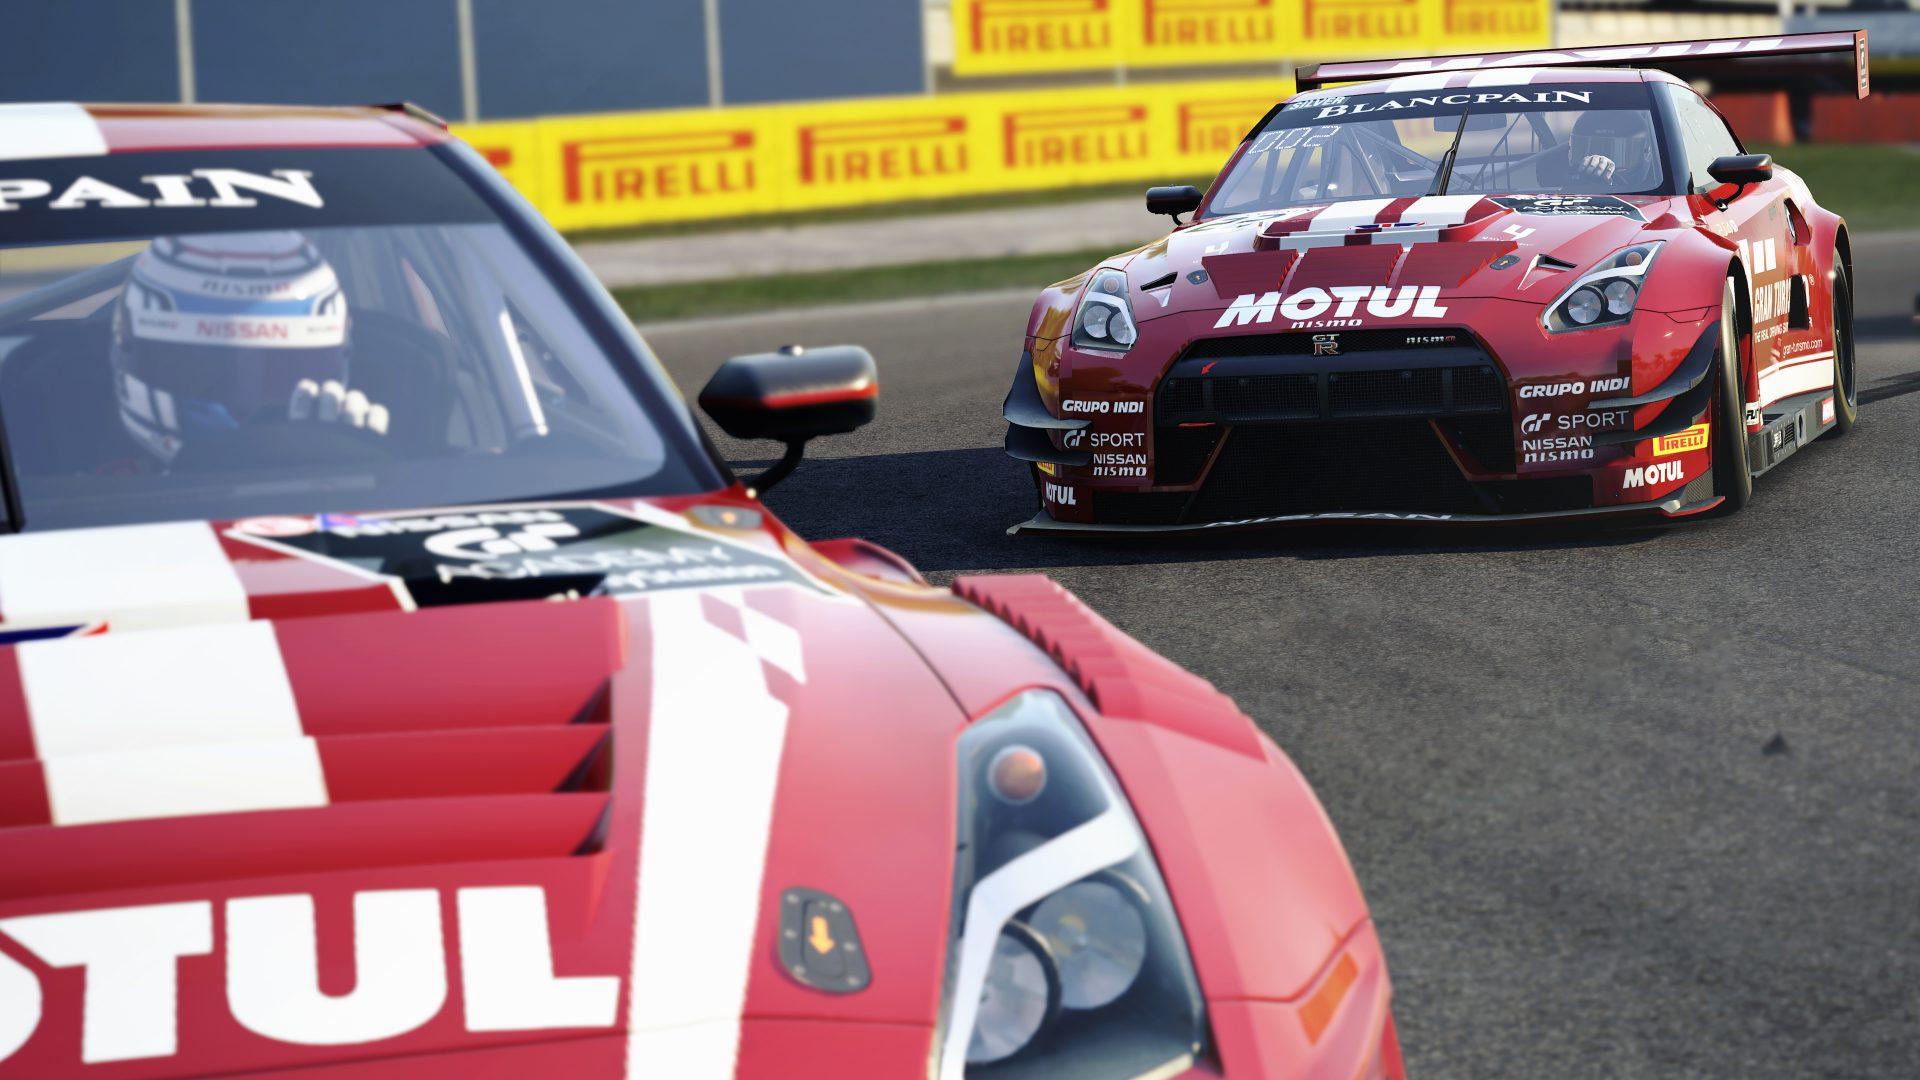 Assetto Corsa Competizione release 6 adds Monza & 2 Nismo GT